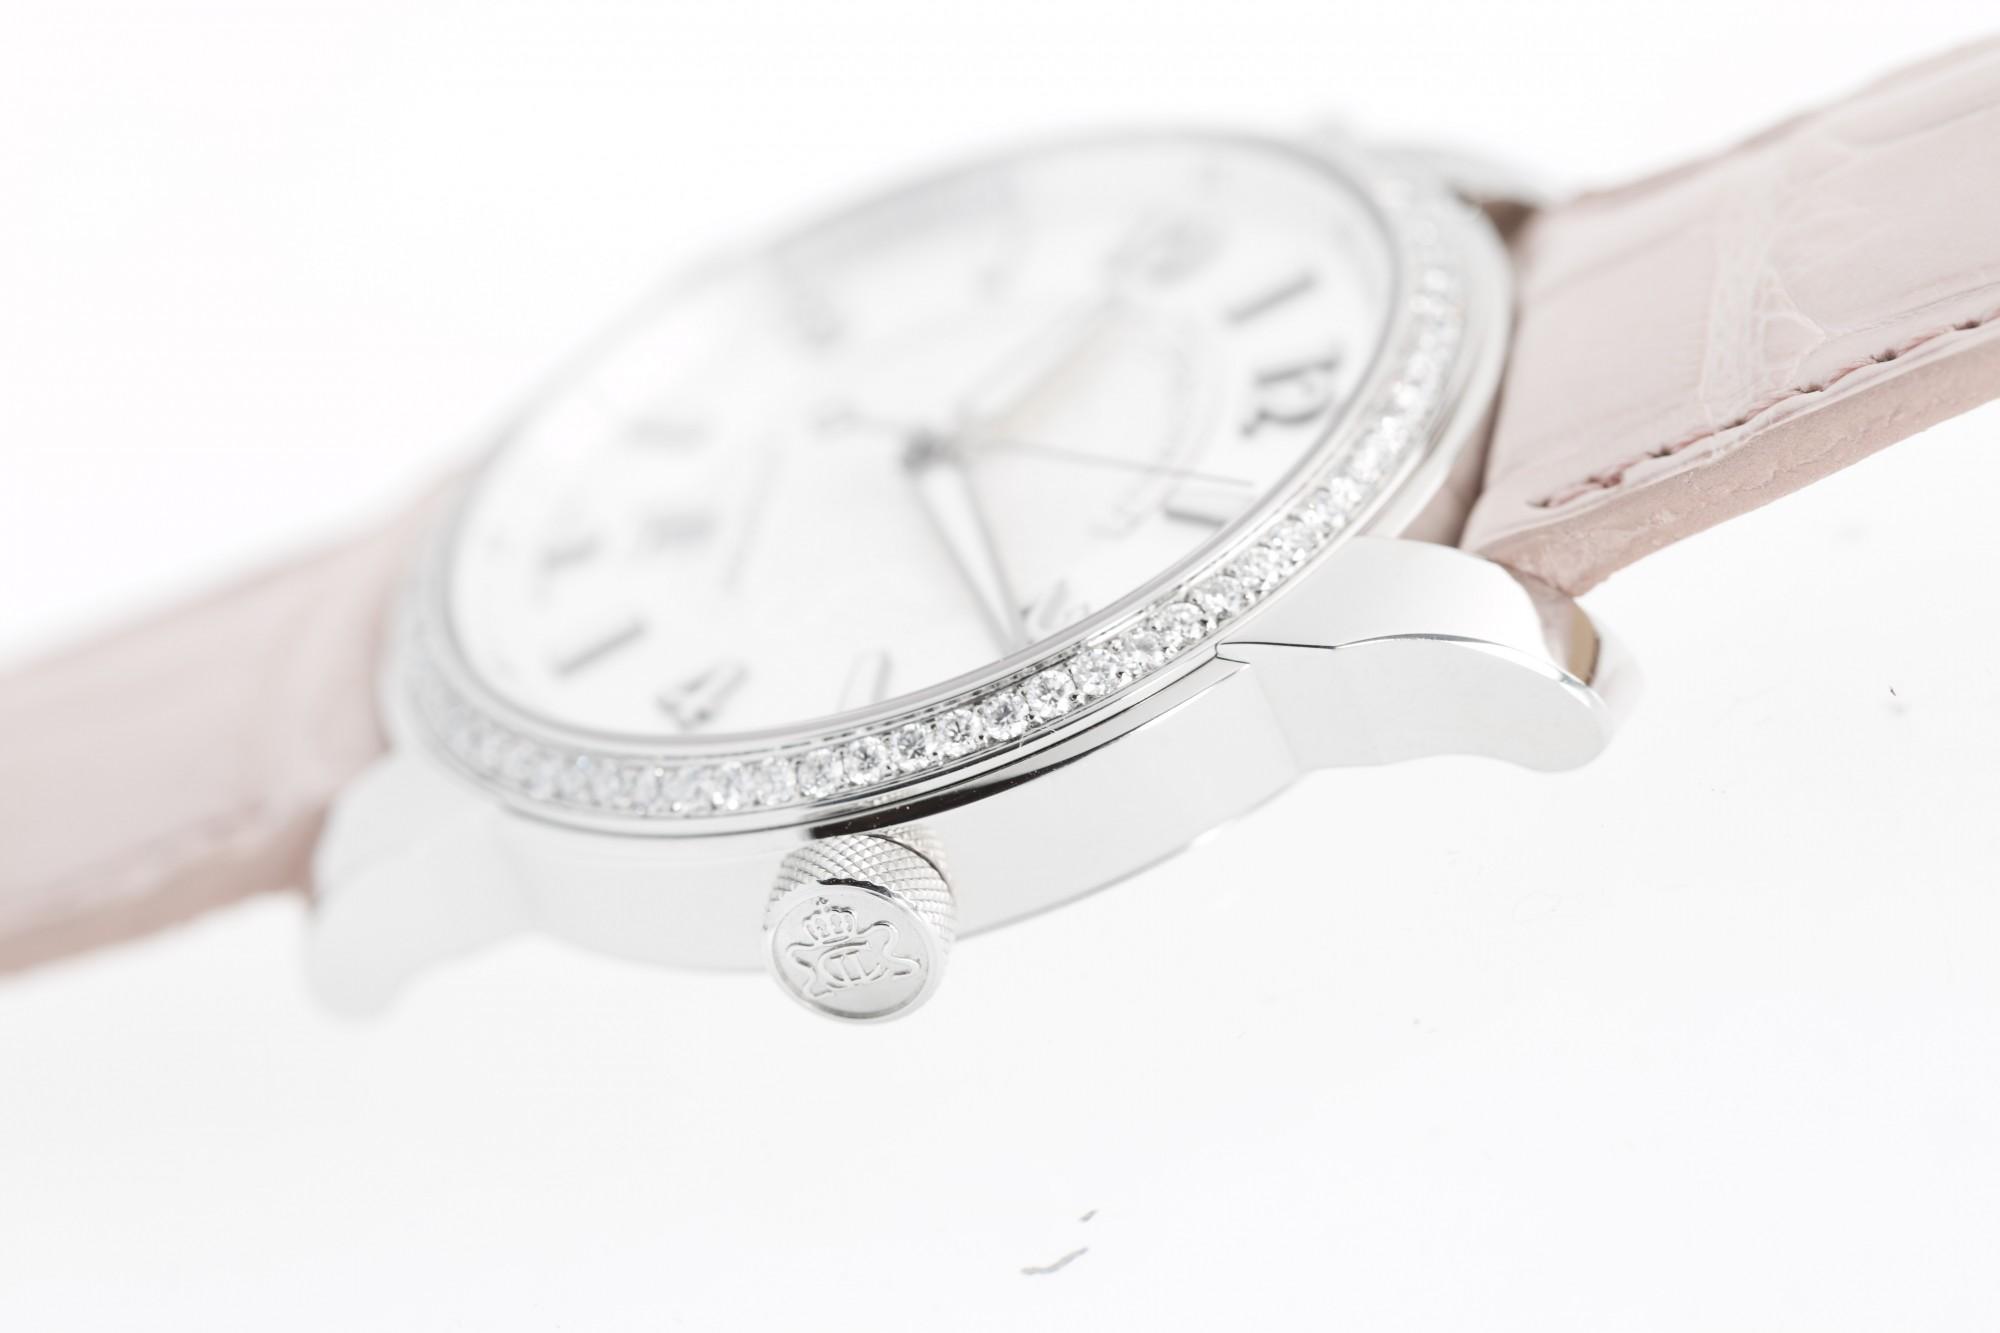 11-12-lebeau -diamonds03109